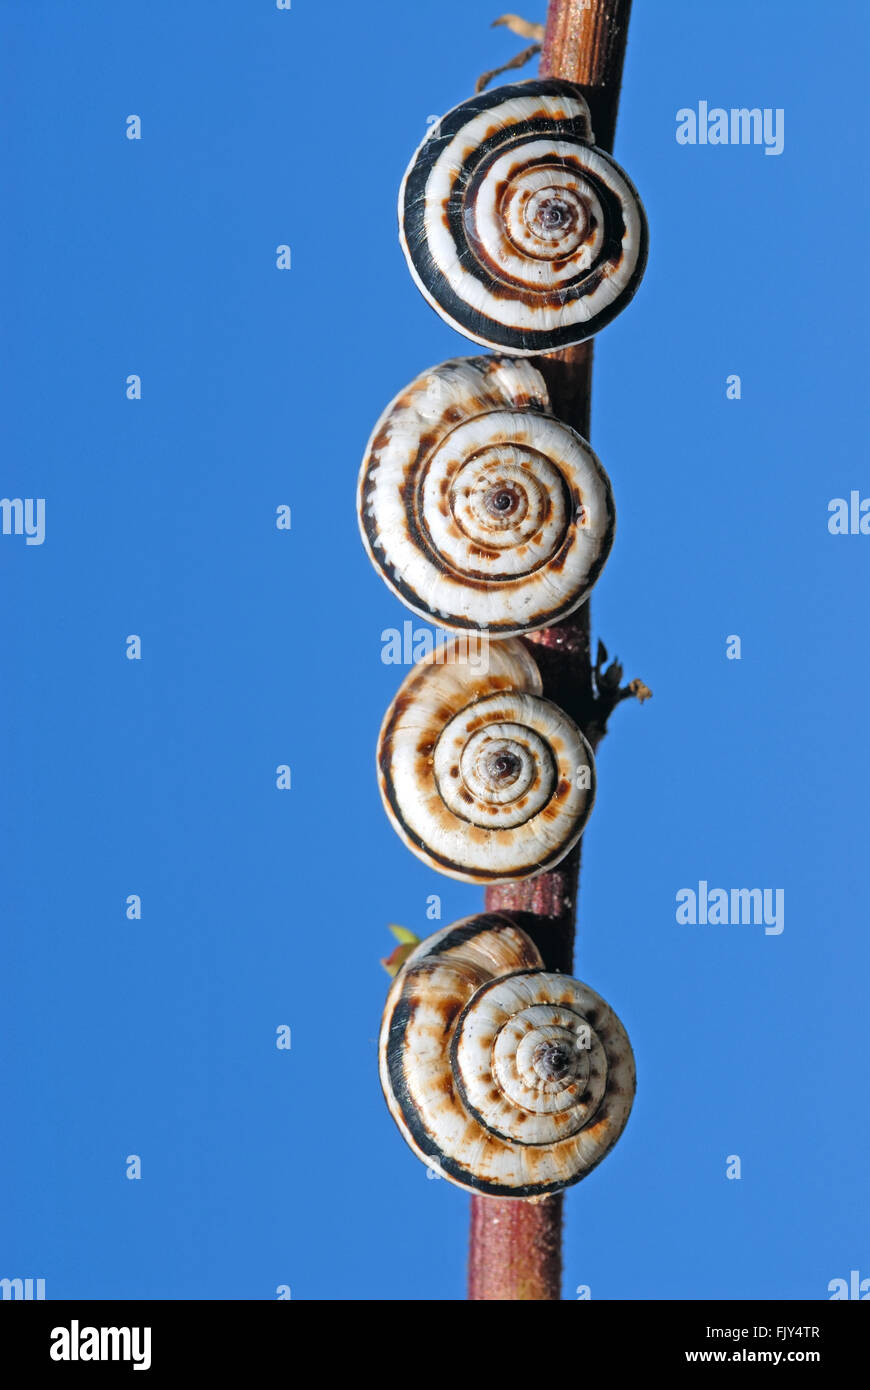 Snails on stem - Stock Image